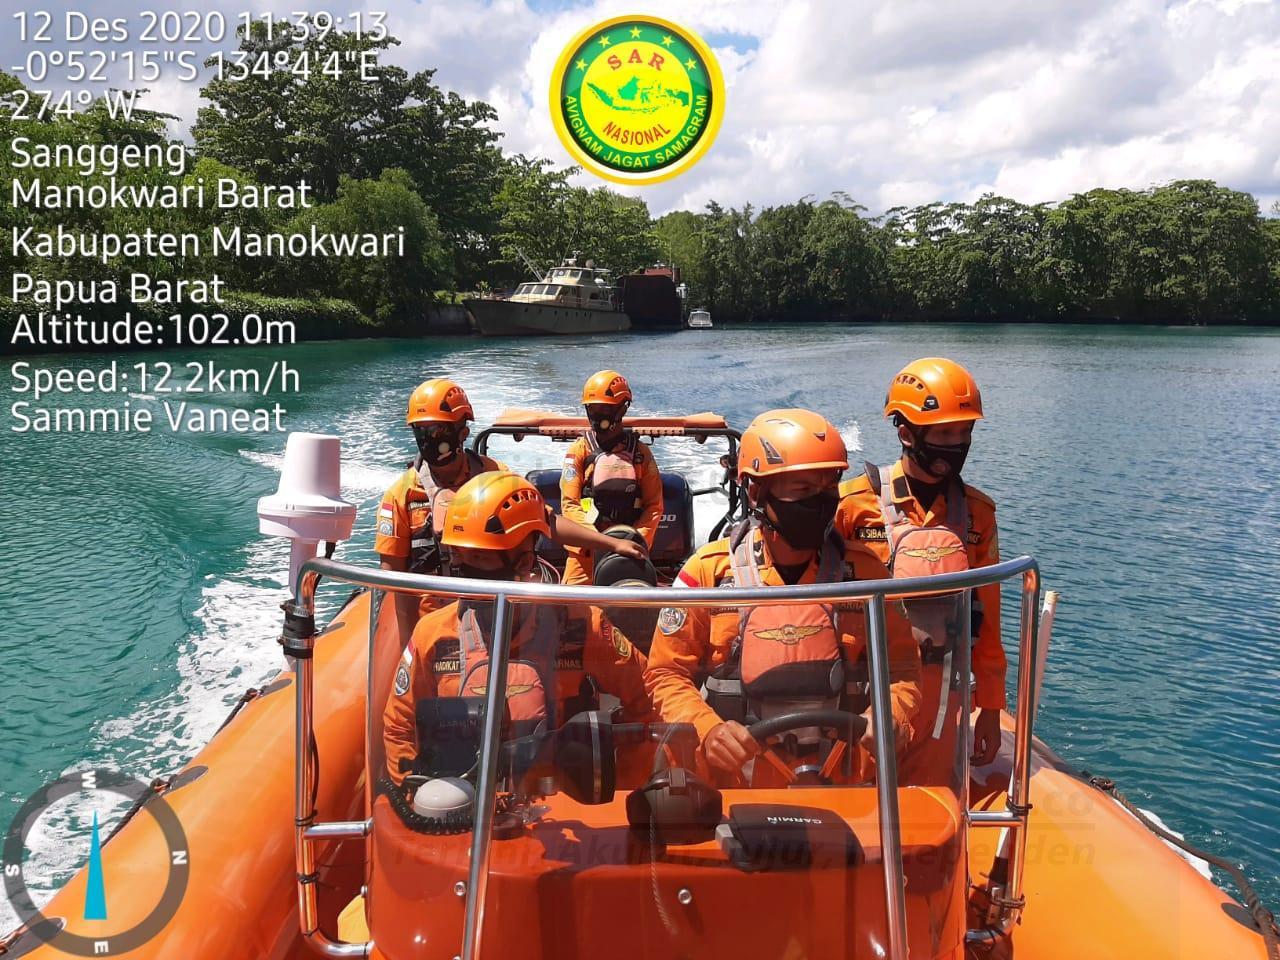 Basarnas Manokwari Cari Orang Hilang di Perairan Pulau Kaki 16 IMG 20201212 WA0012